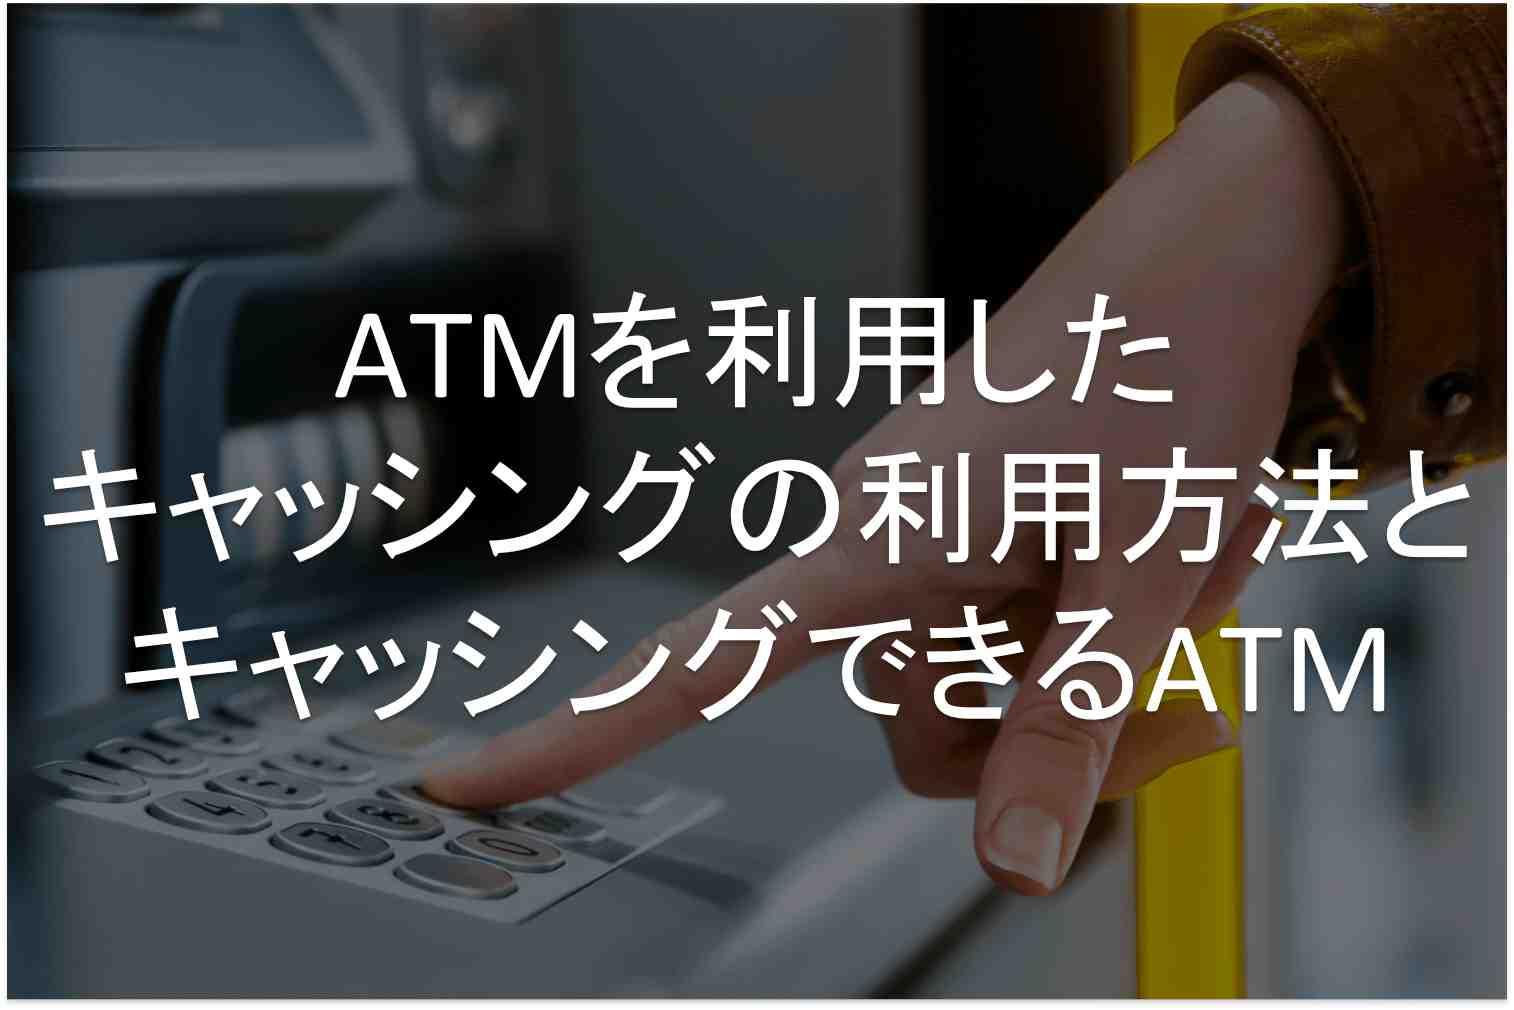 キャッシング ATM